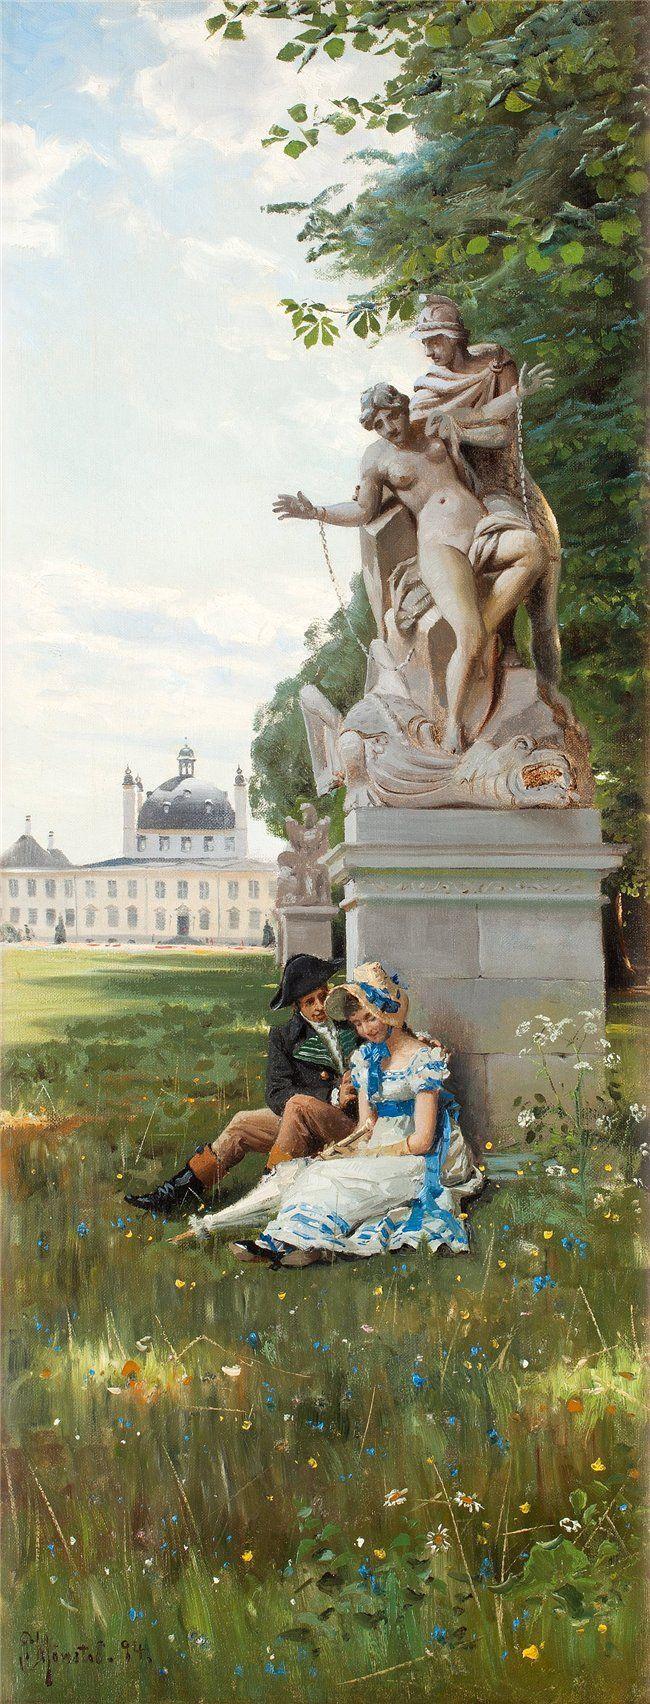 Romantic scene from Fredensborgs park by Peder Mork Monsted (Danish 1859-1941)